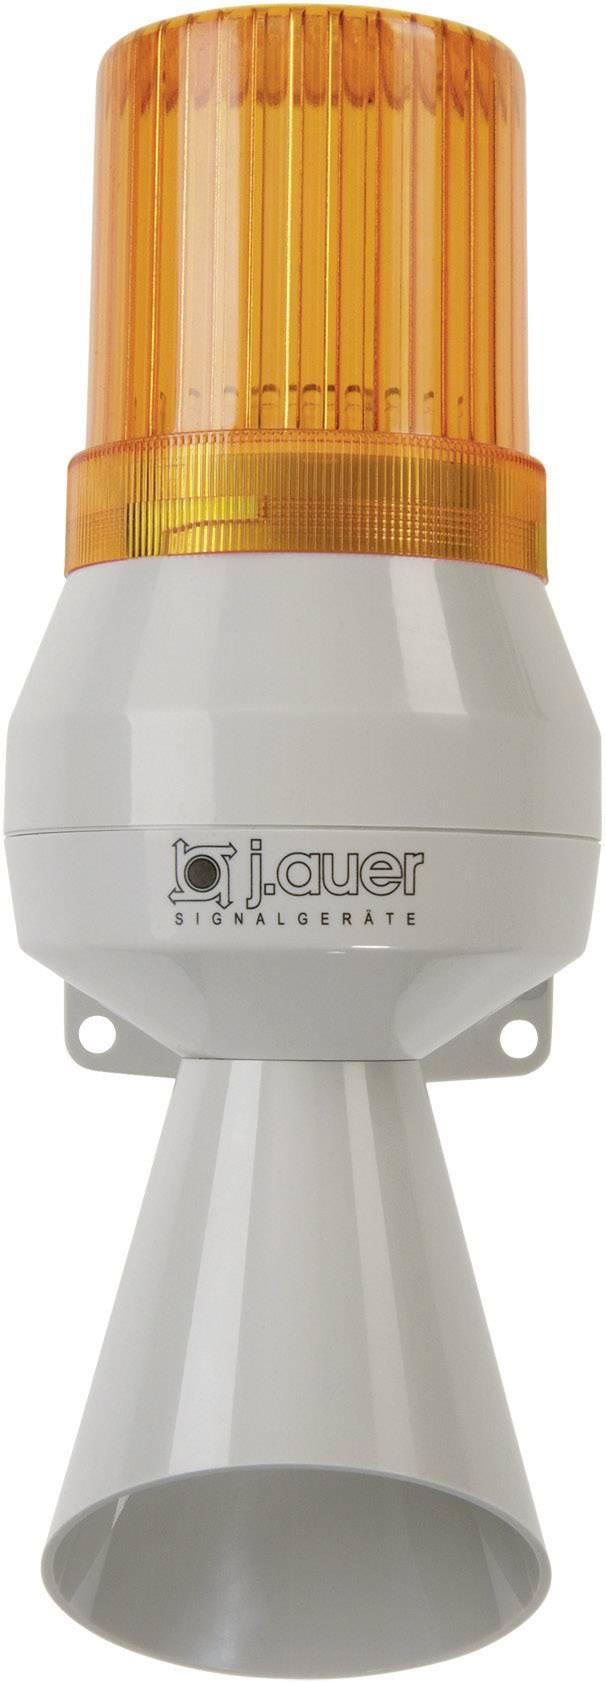 Kombinované signalizační zařízení Auer Signalgeräte KLL, oranžová, trvalé světlo, stálý tón, 24 V/DC